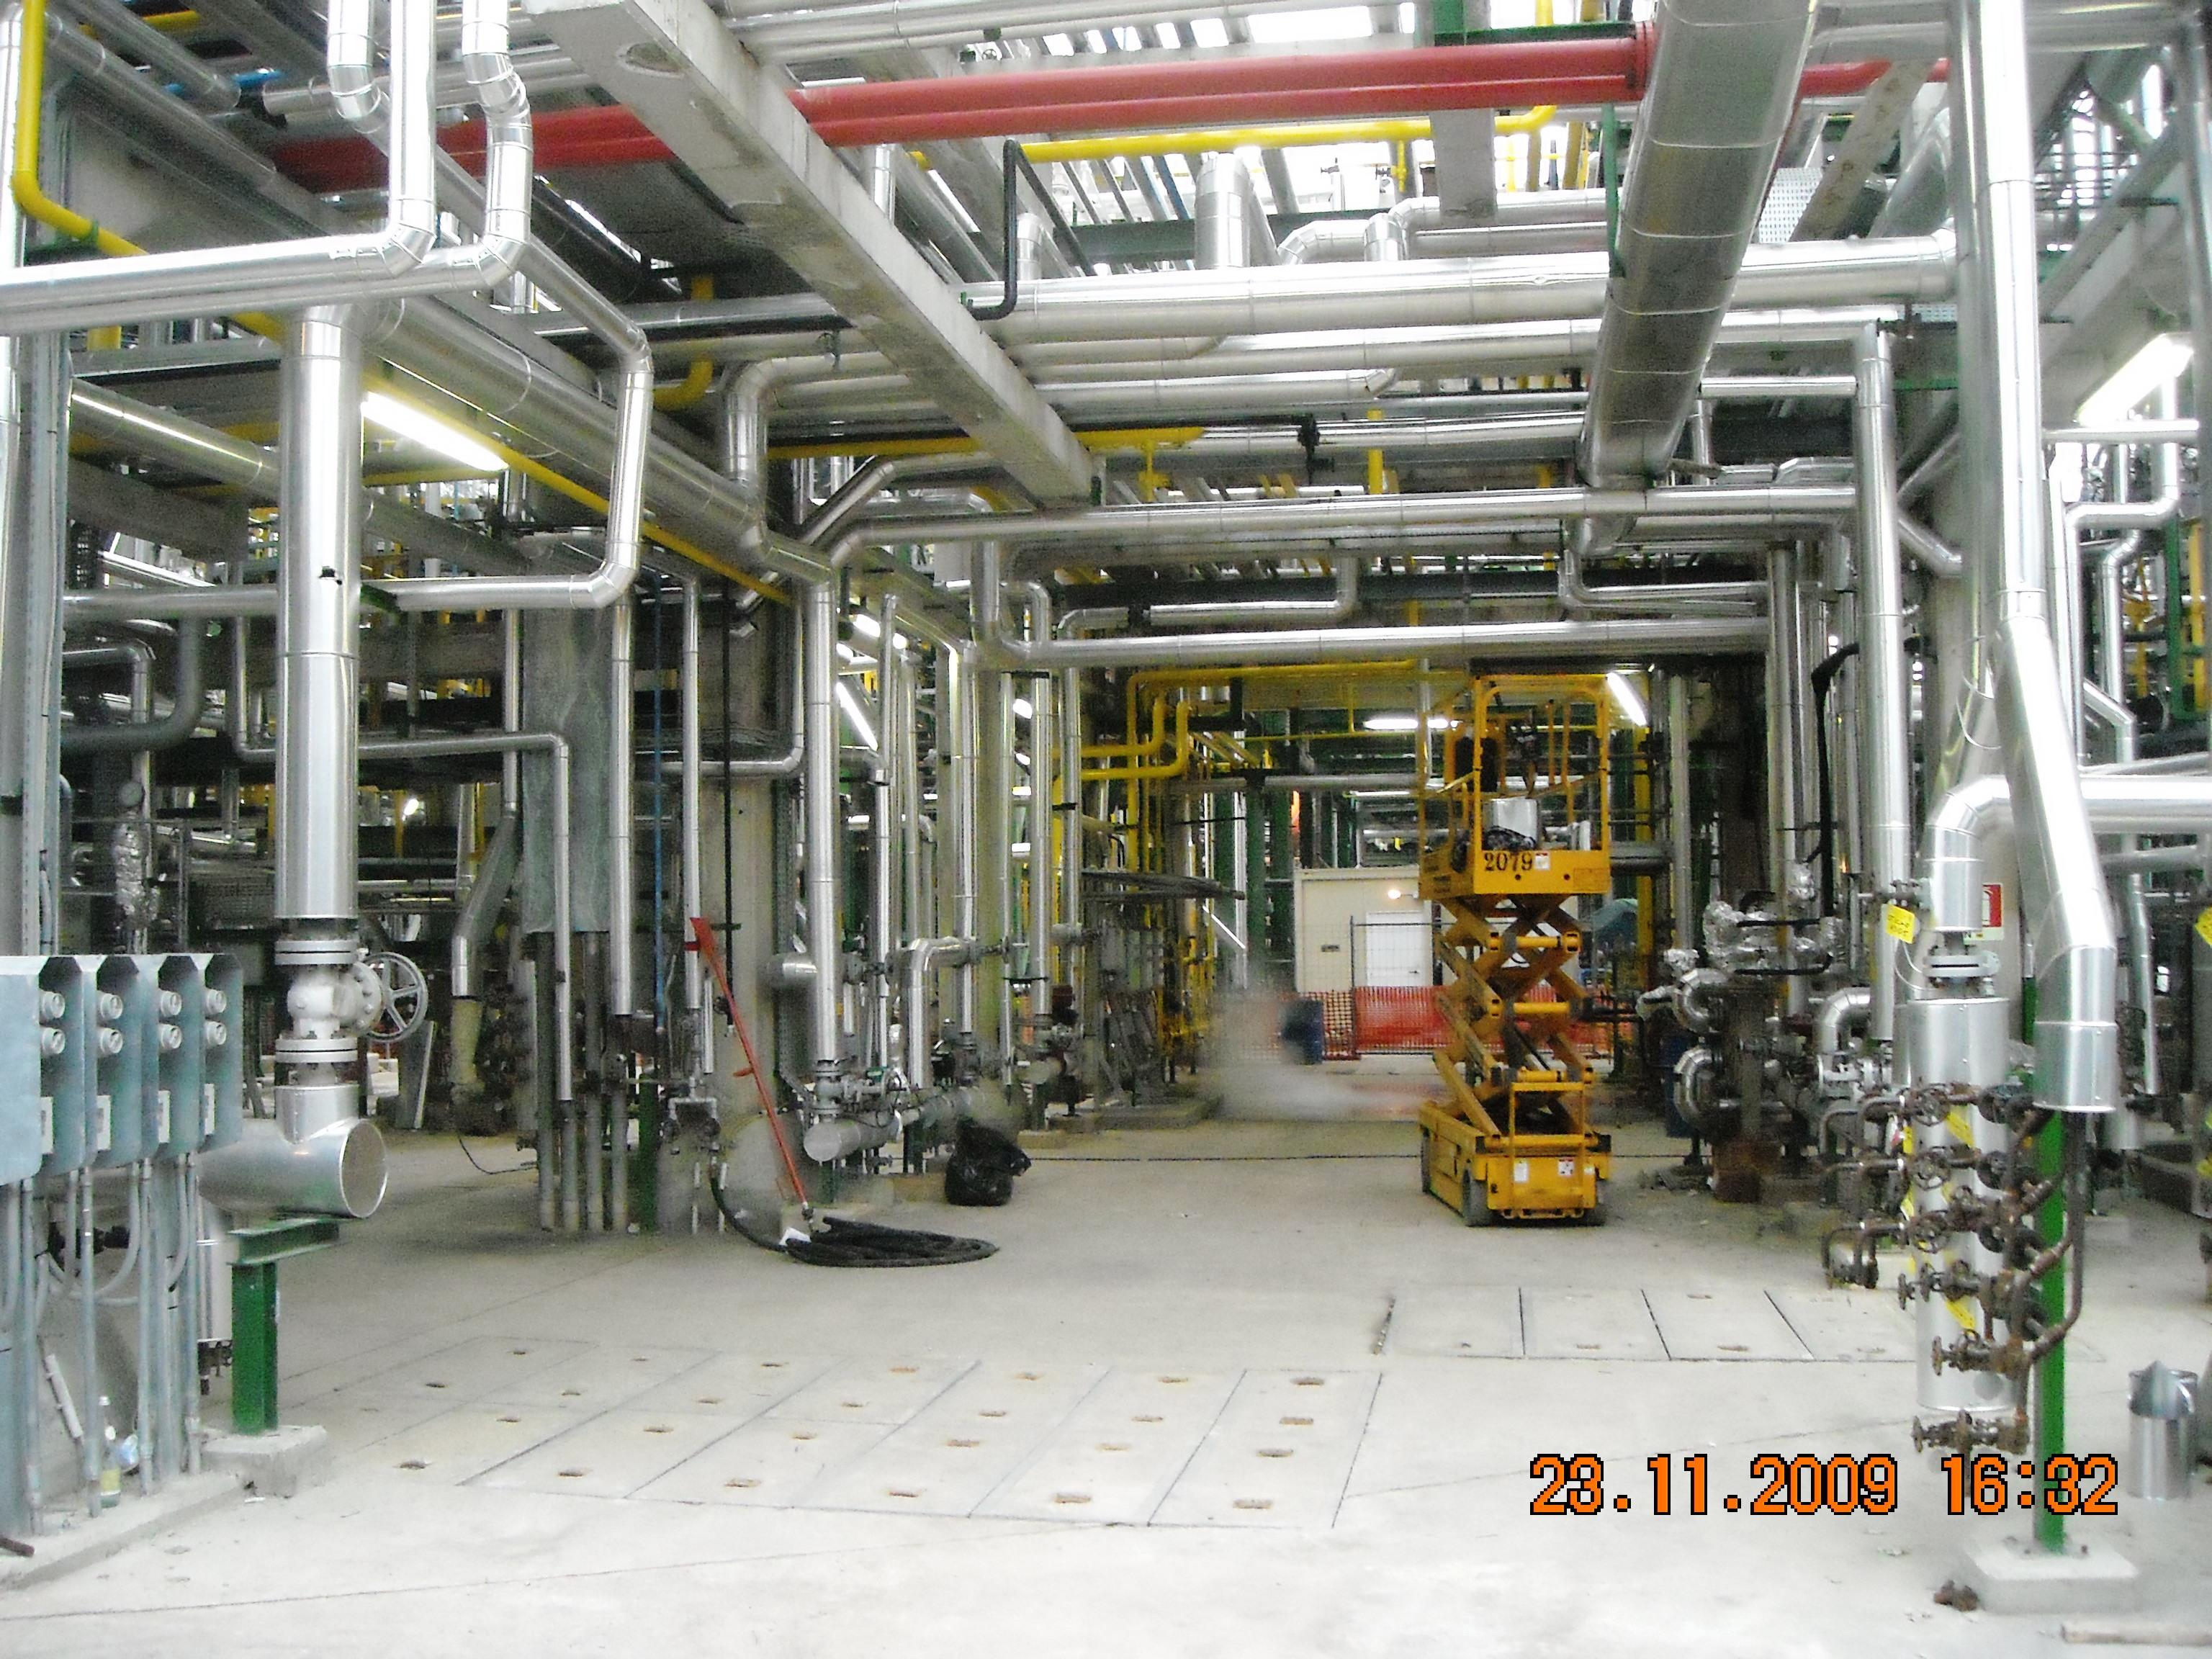 montaggi e costruzioni - sms operations